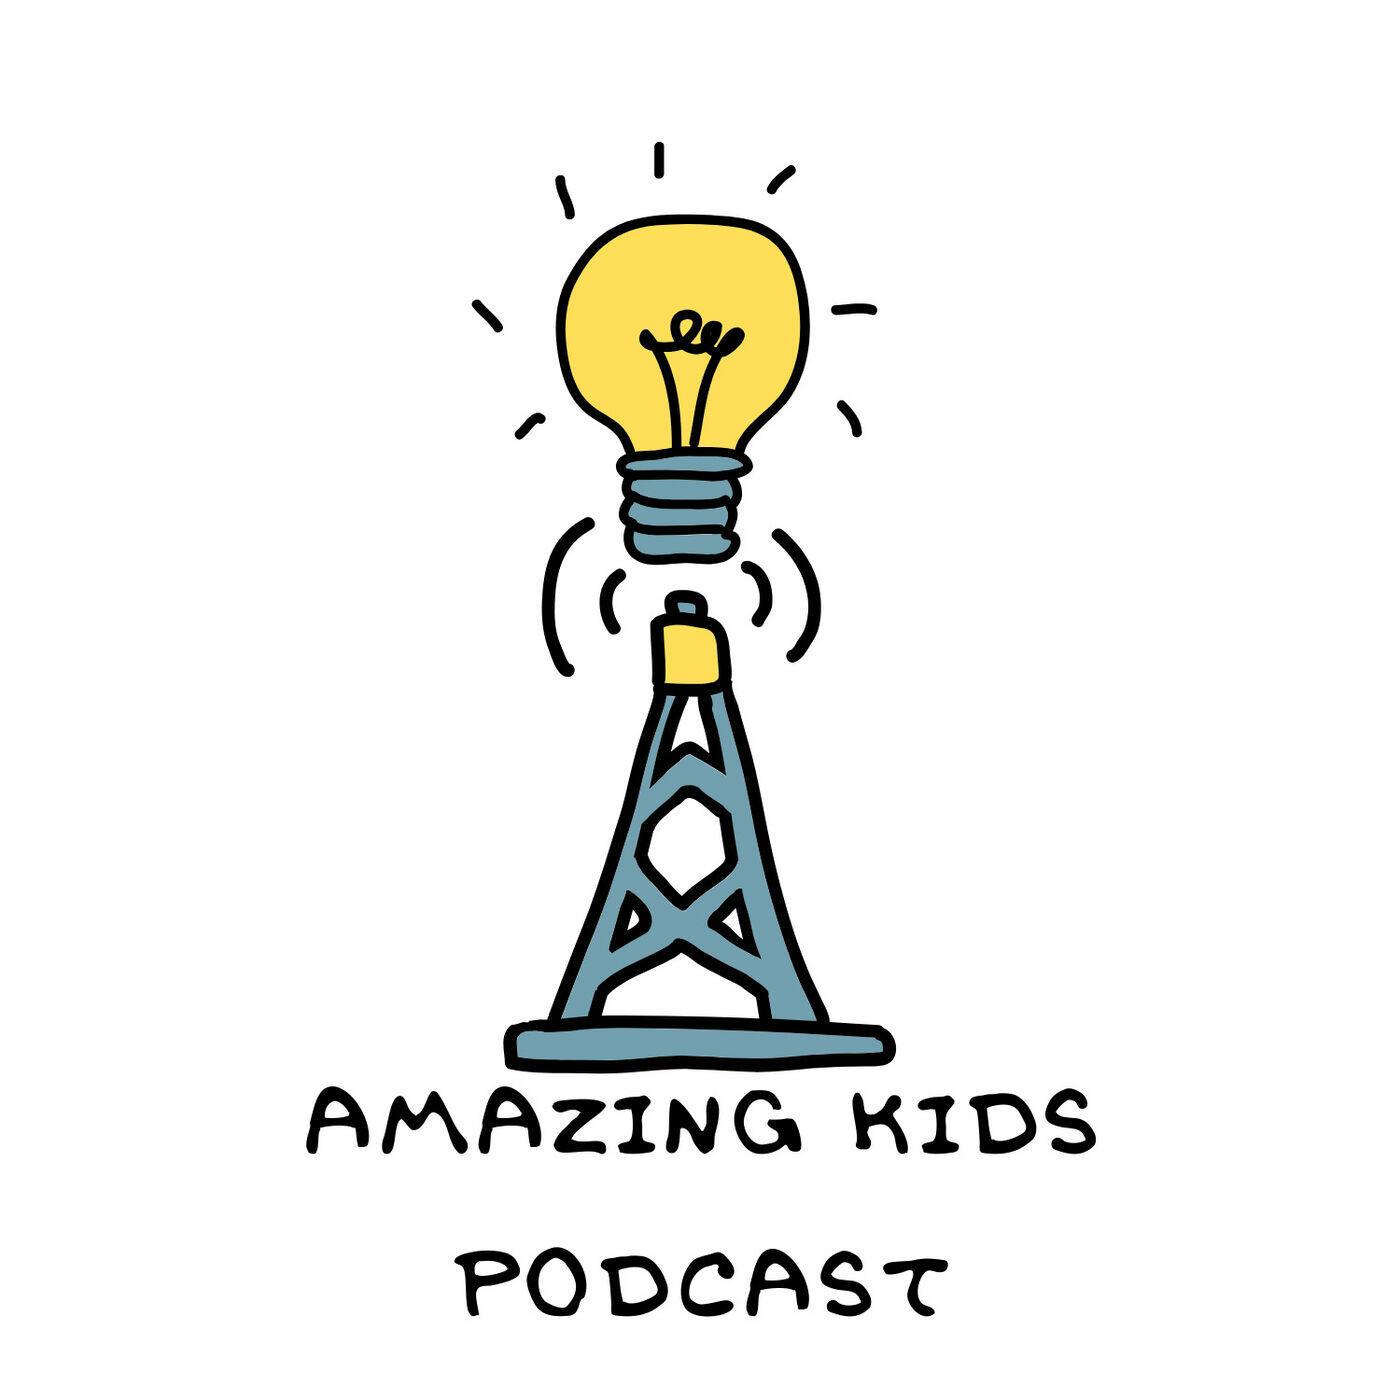 Amazing Kids Podcast